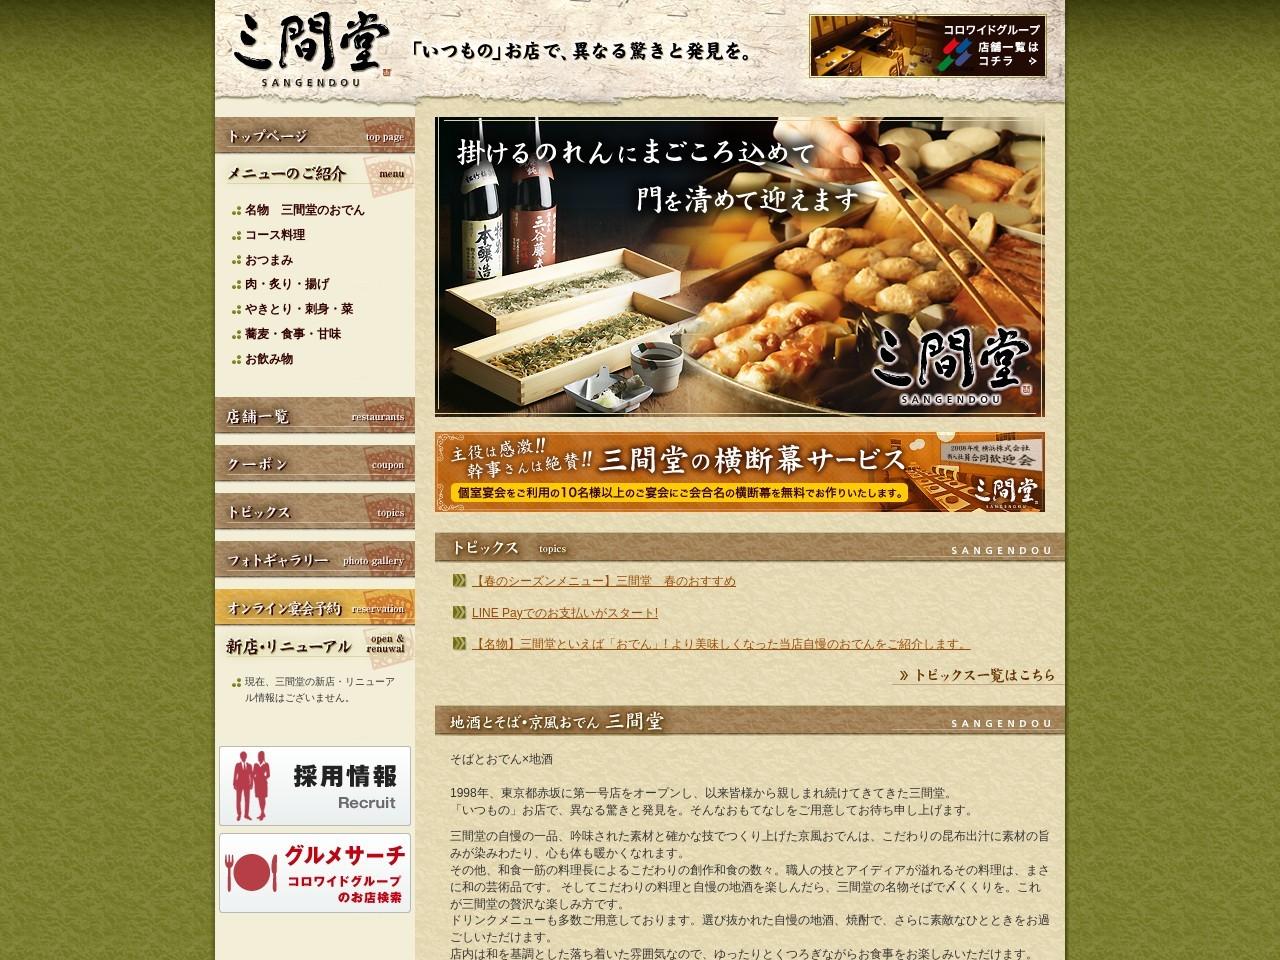 ぎんぶた赤坂本店